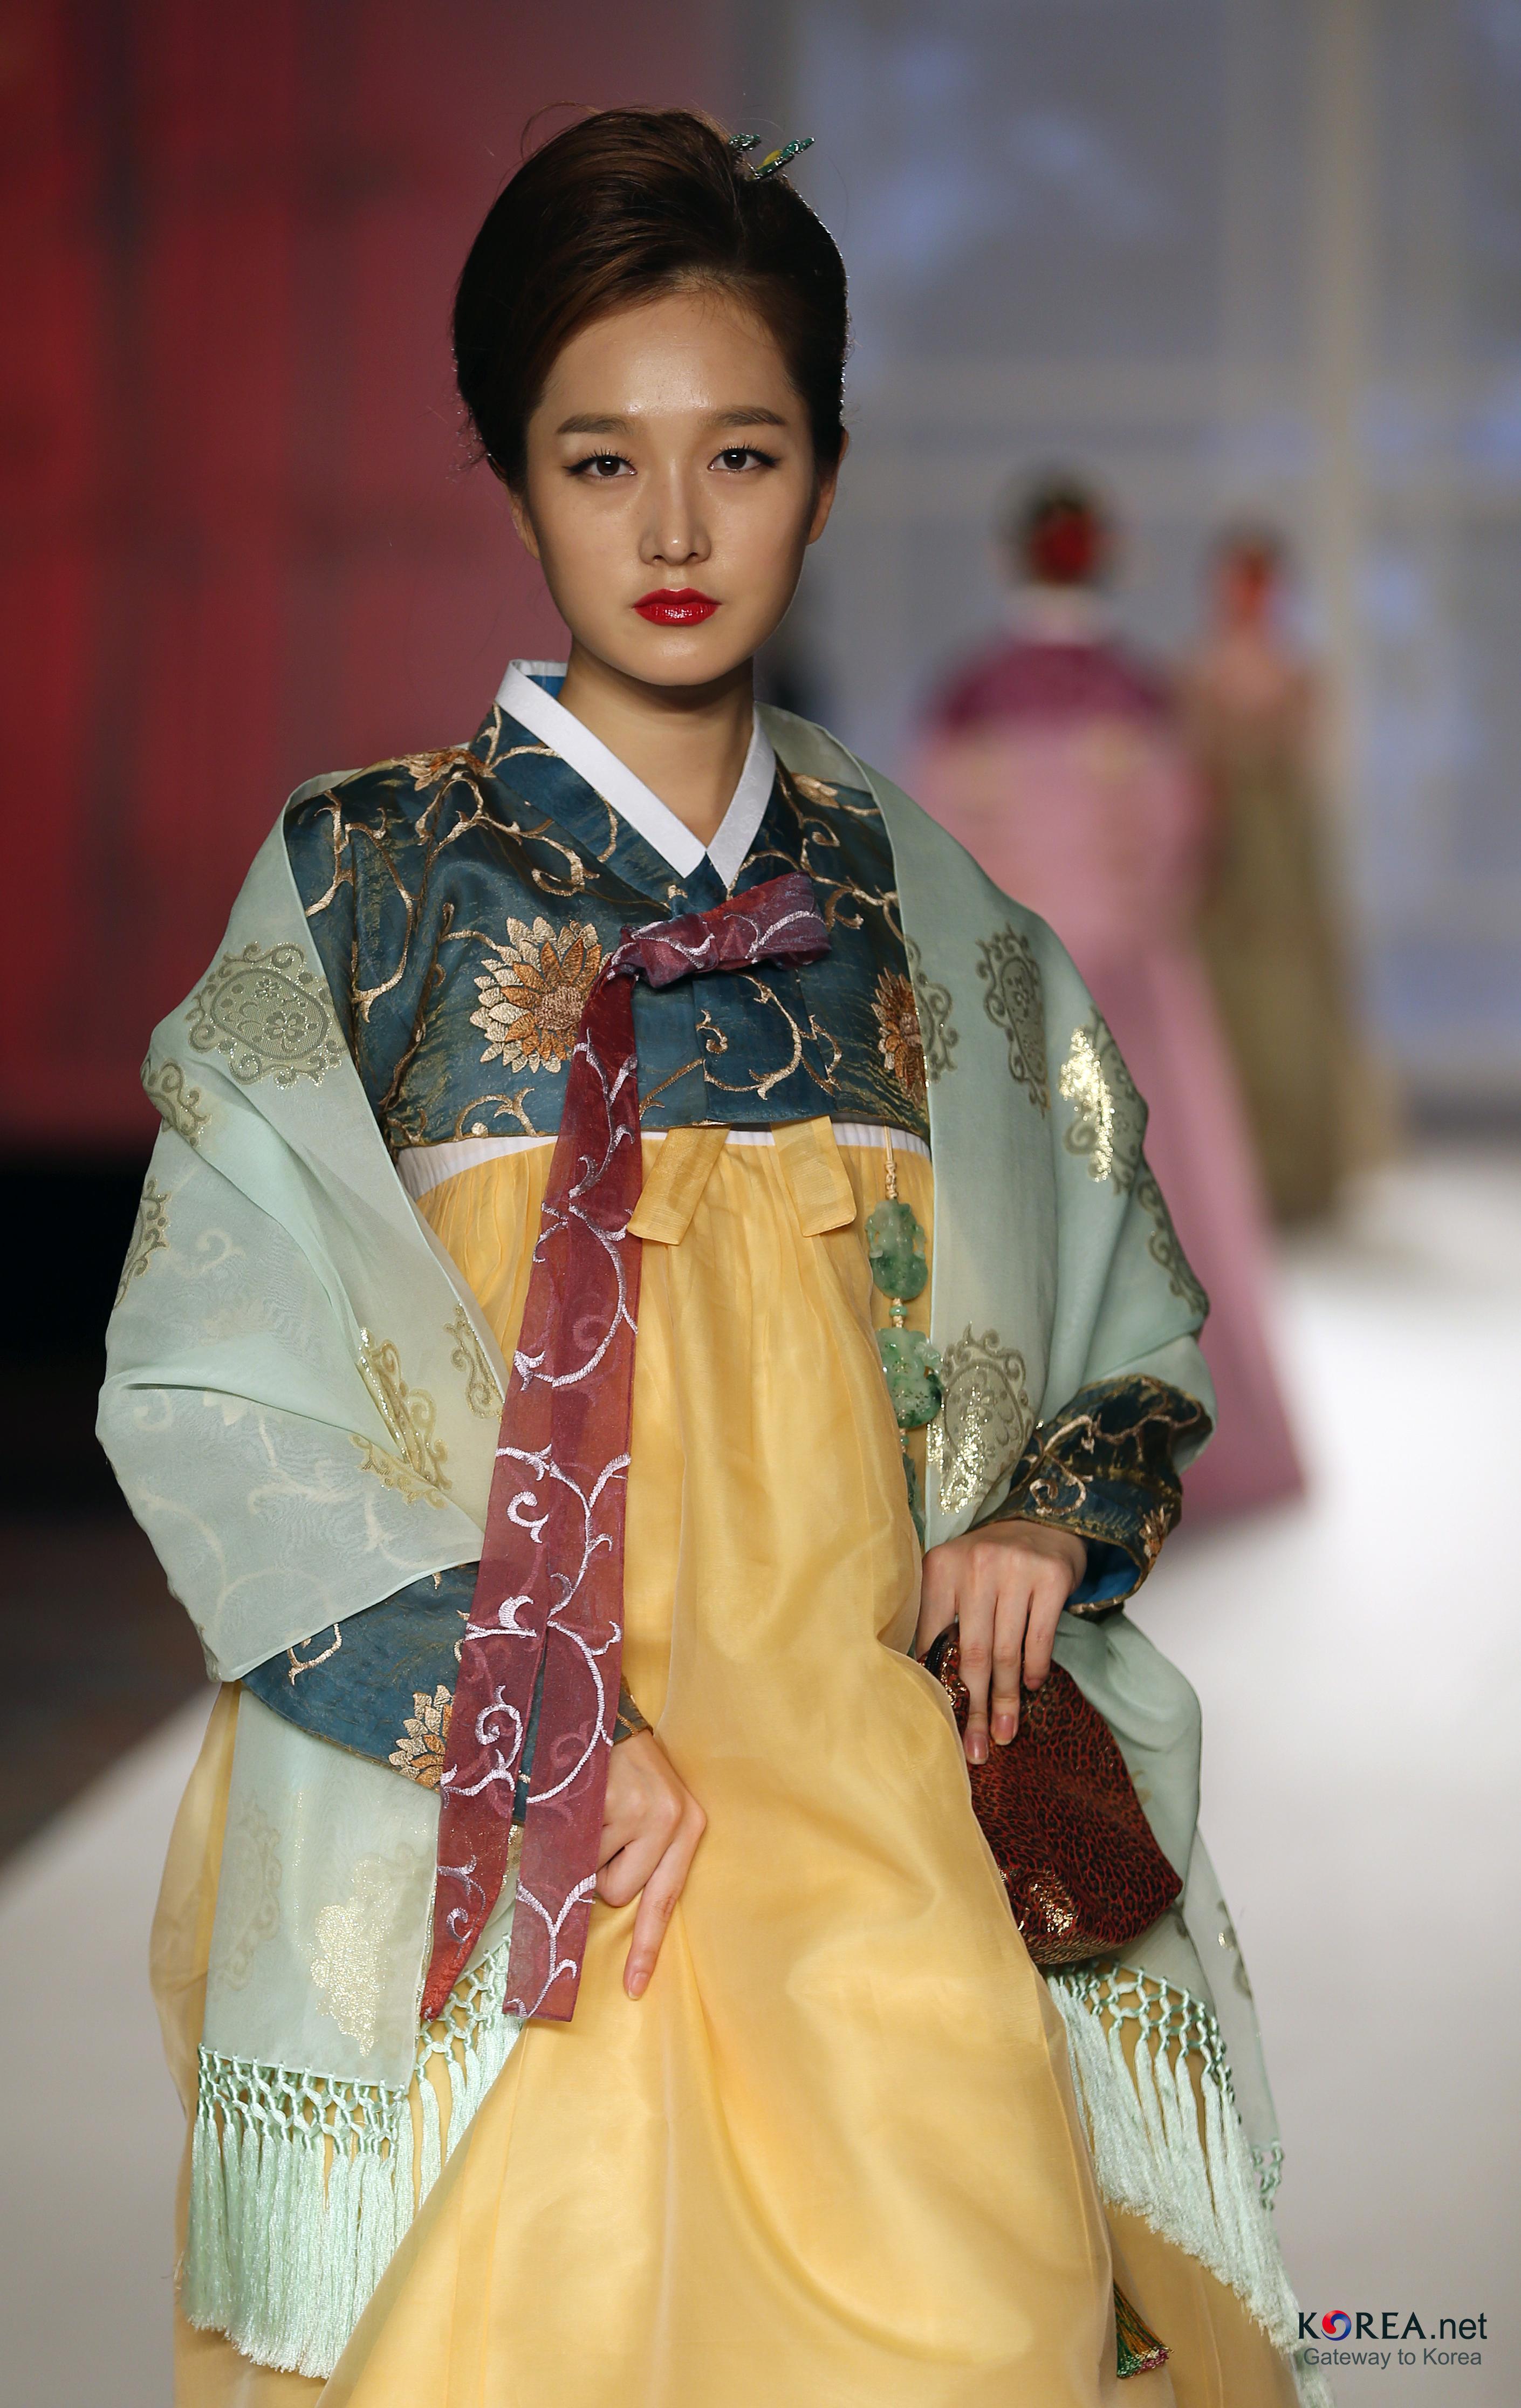 filekocis korea hanbokaodai fashionshow 48 9766402766